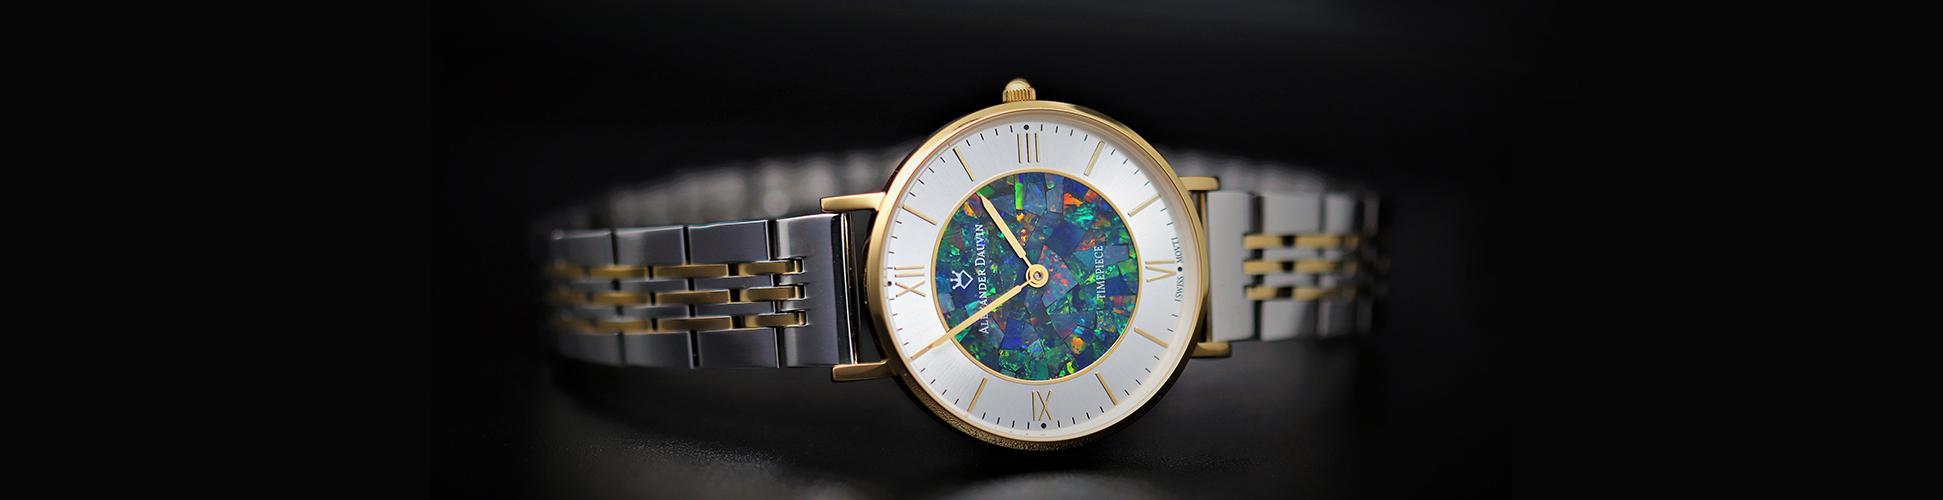 Alexander Dauvin Glamour Watches